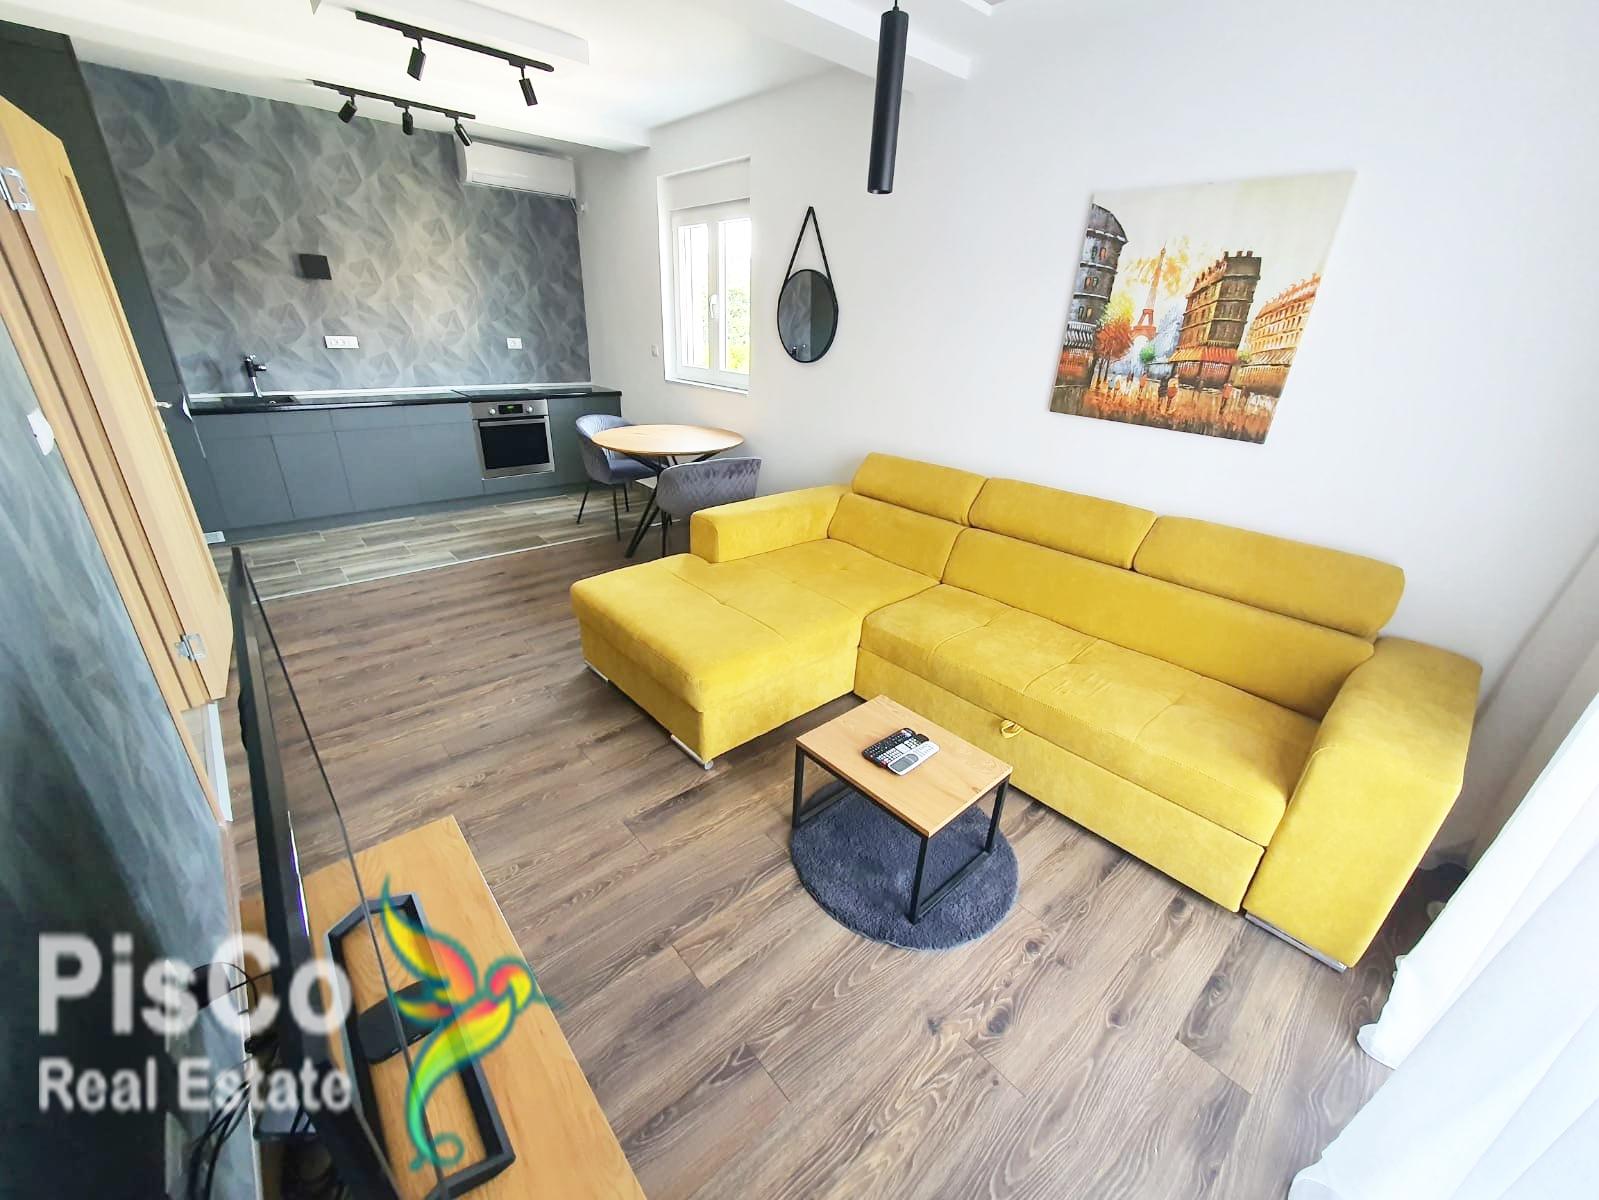 Izdaje se jednosoban luksuzni stan u Dalmatinskoj ulici 45m2